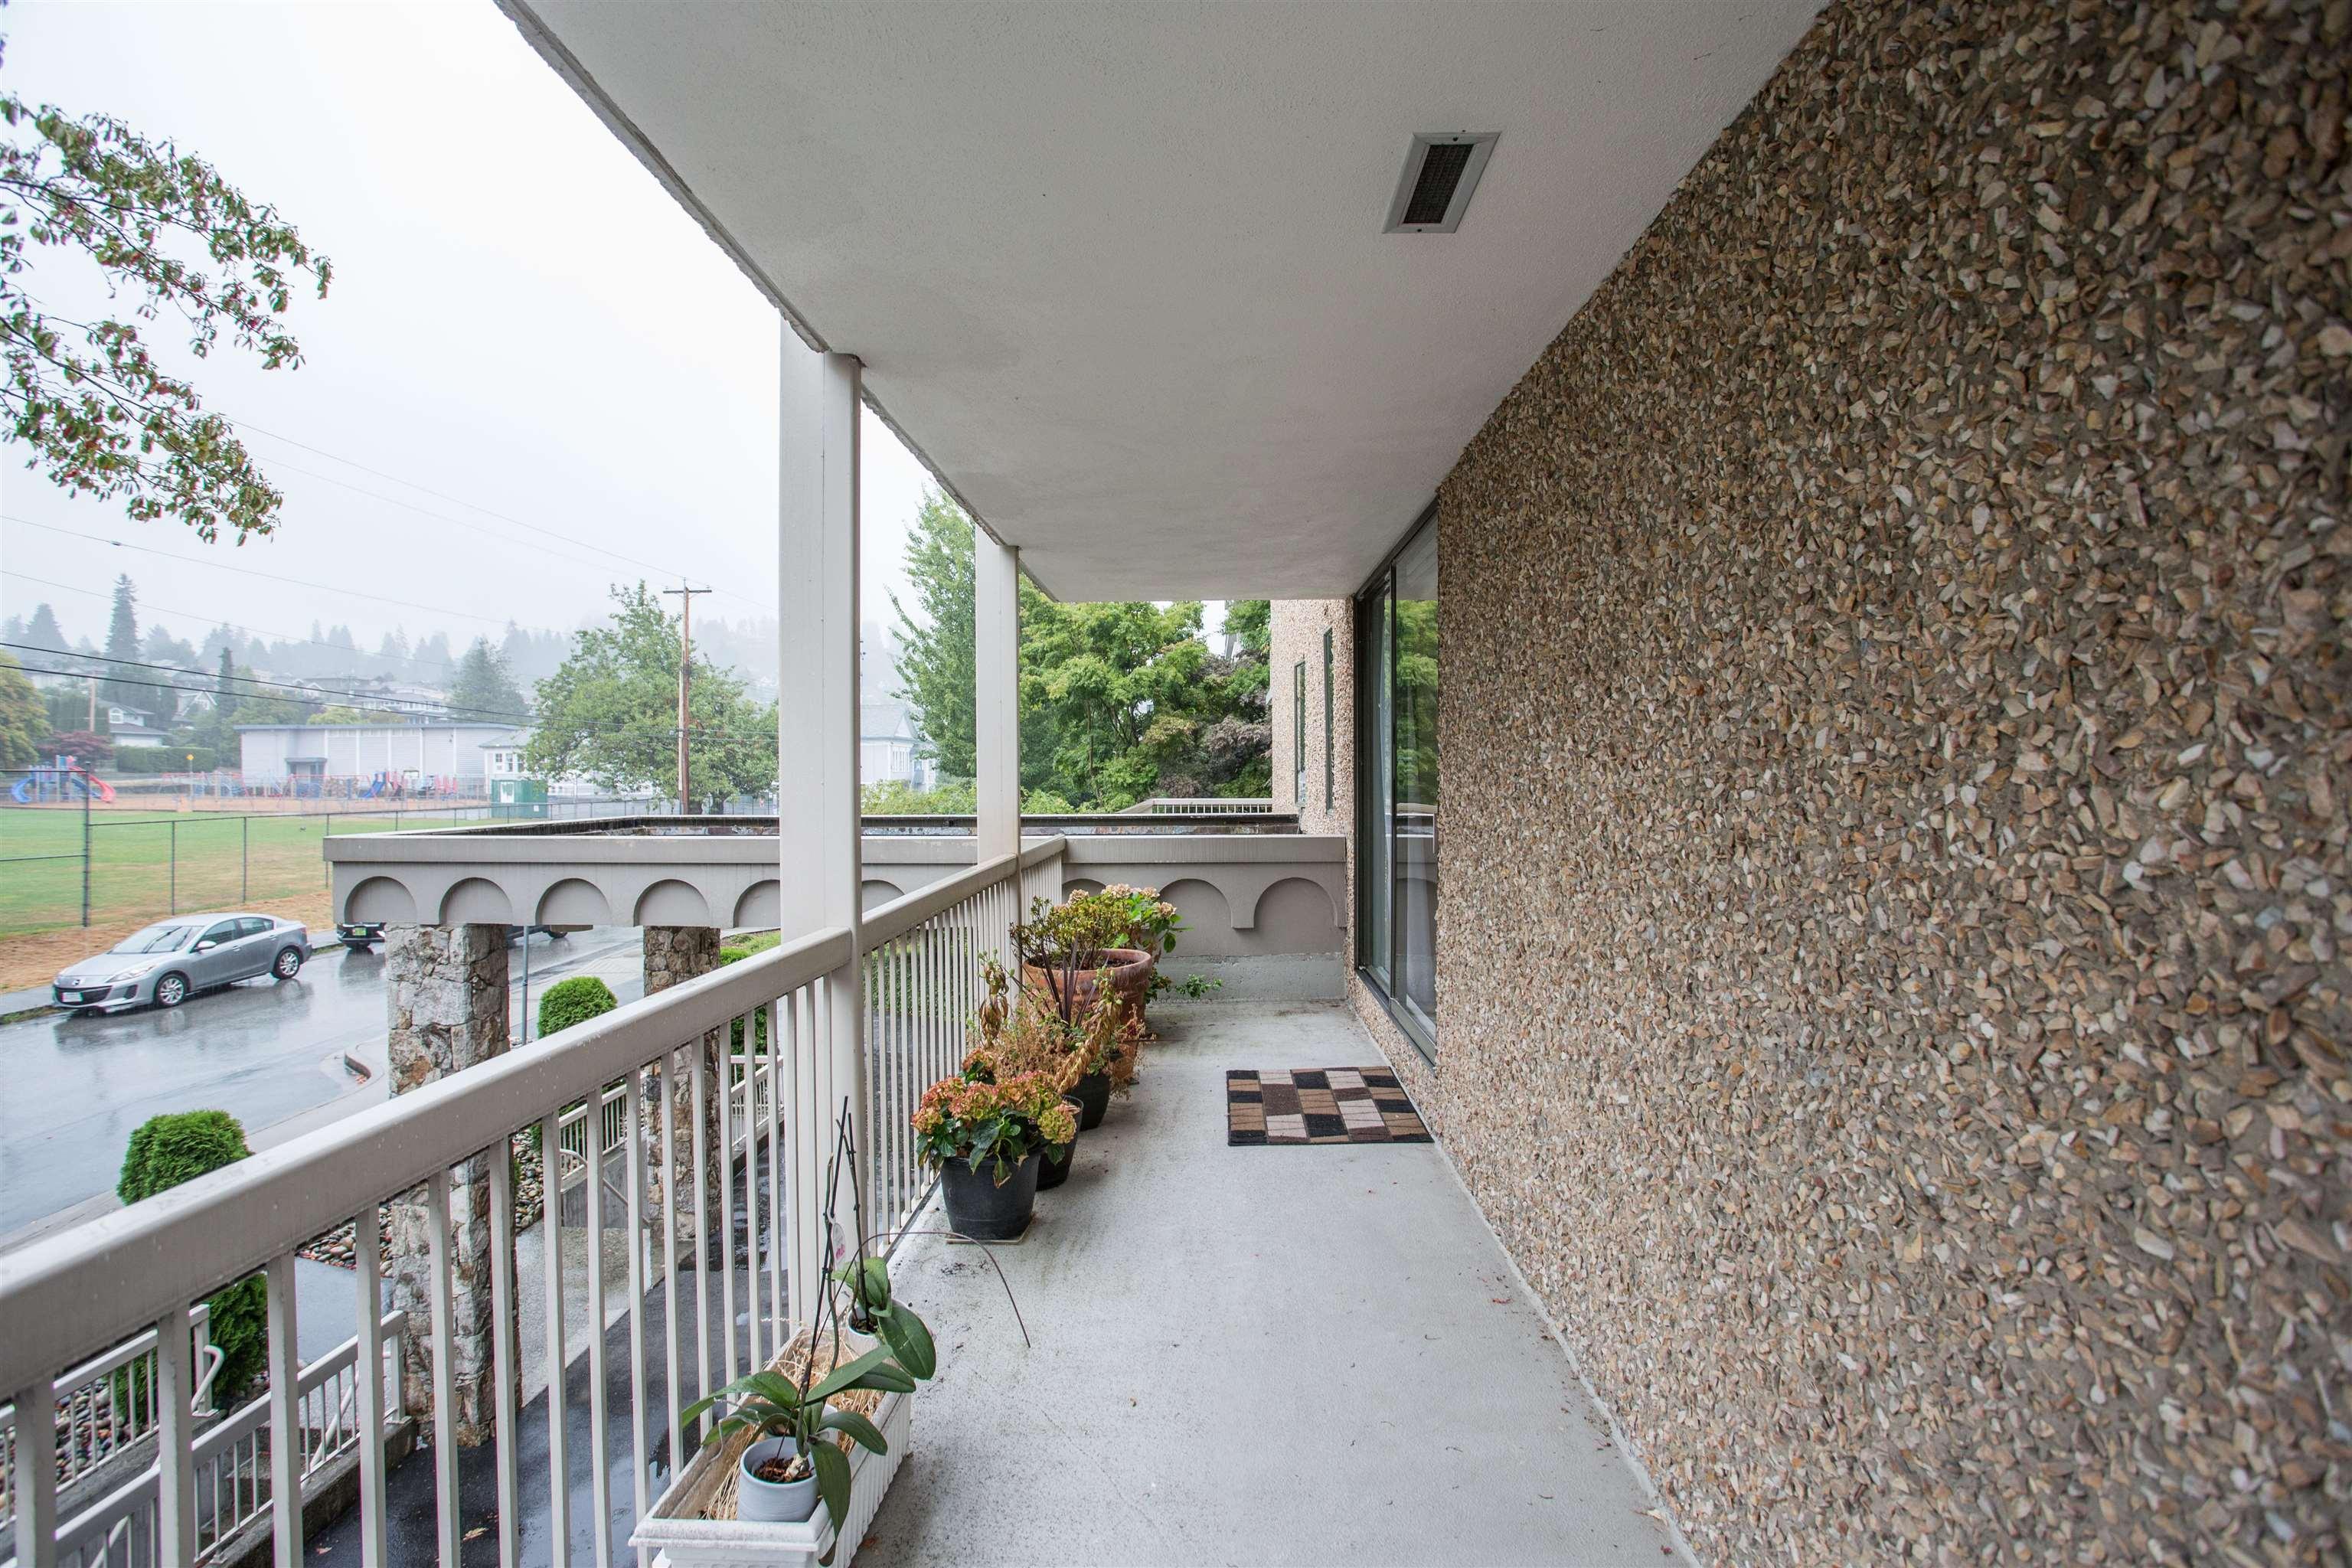 203 1390 DUCHESS AVENUE - Ambleside Apartment/Condo for sale, 1 Bedroom (R2611618) - #26